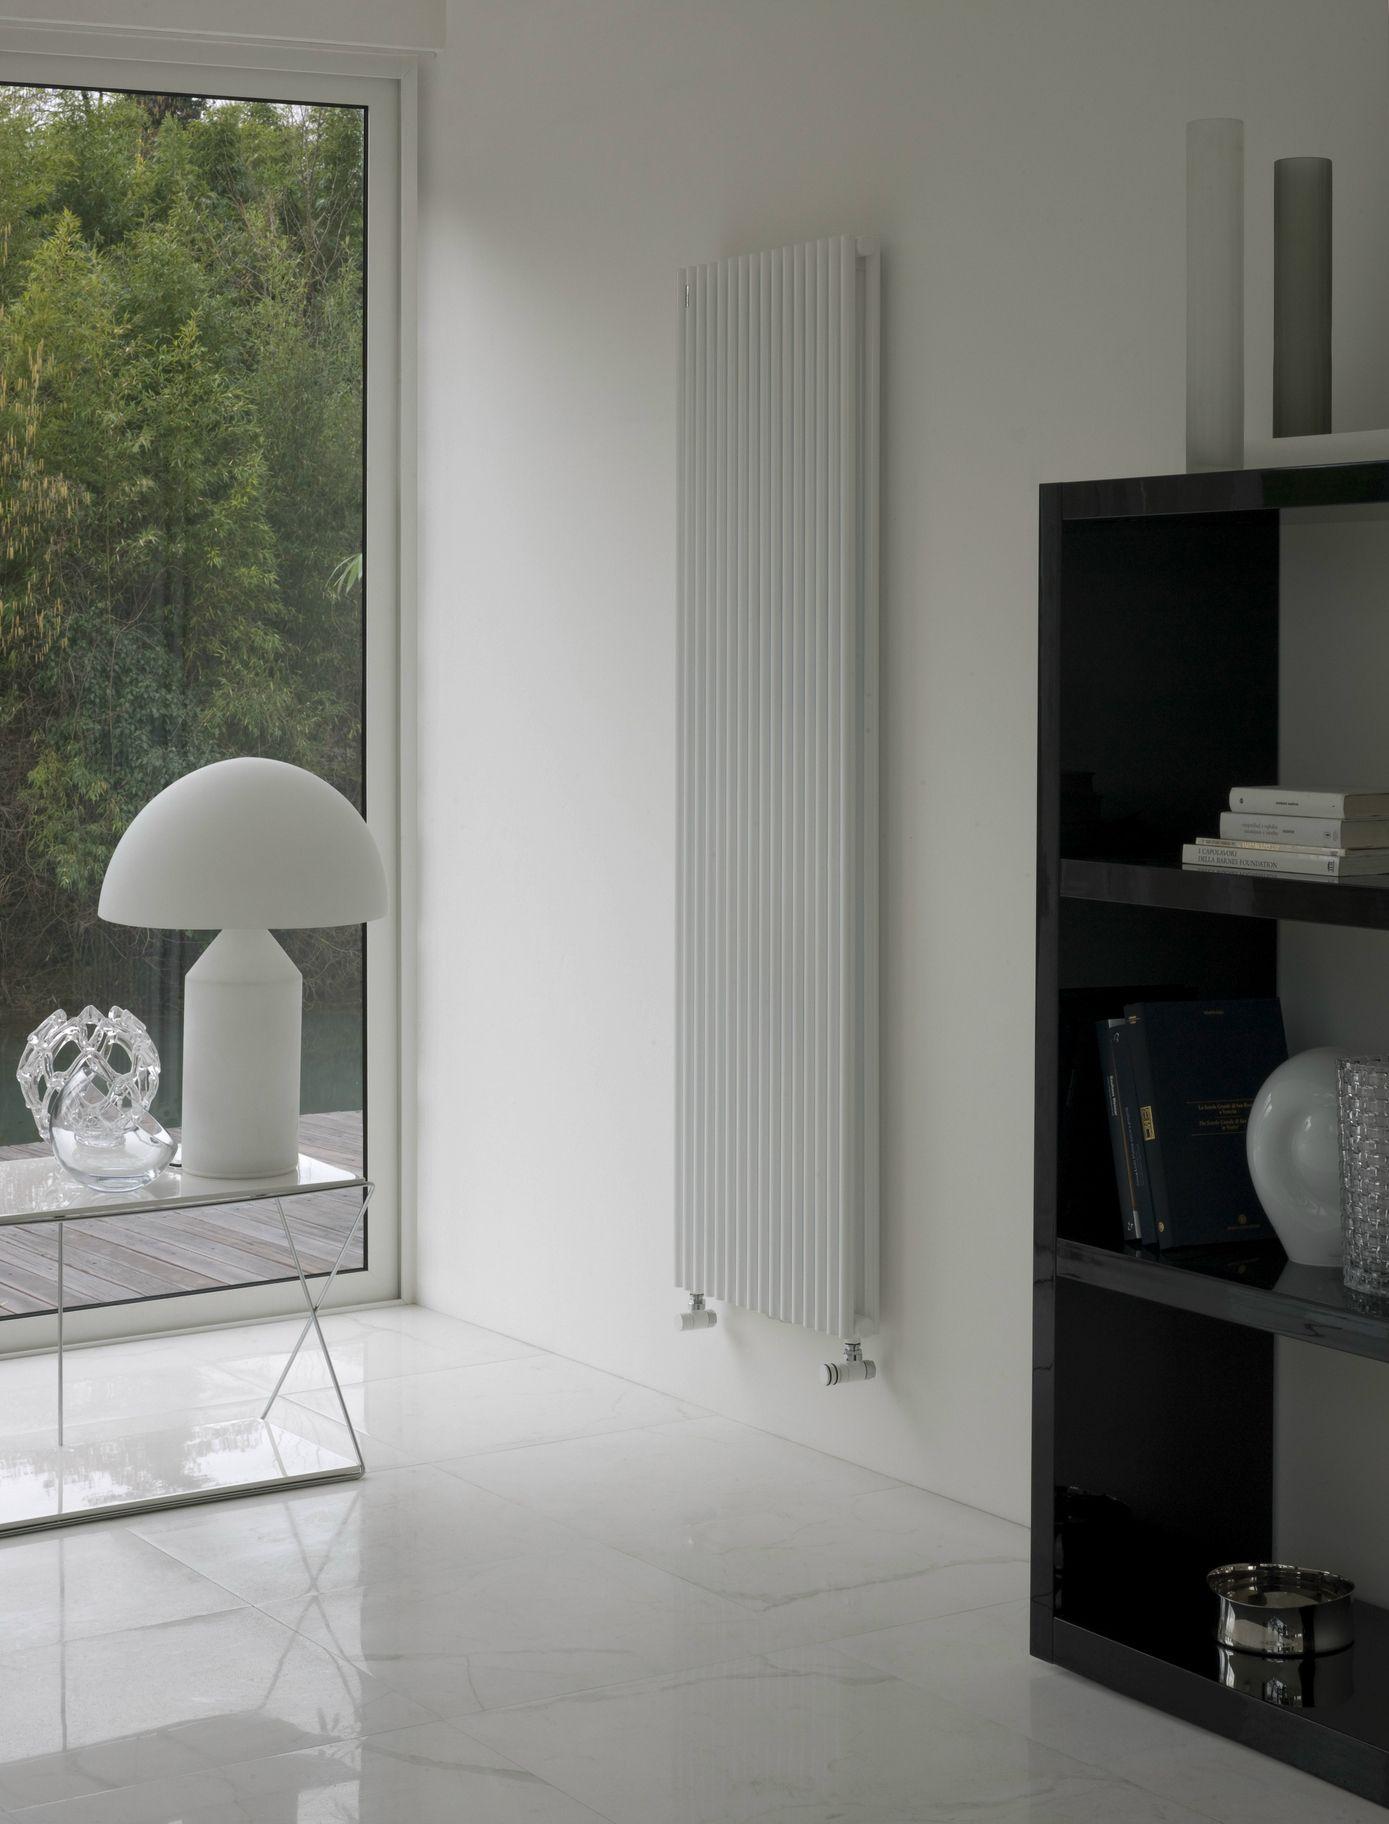 Termoarredo Da Salotto Prezzi termoarredo verticale a parete basics 25 collezione basics